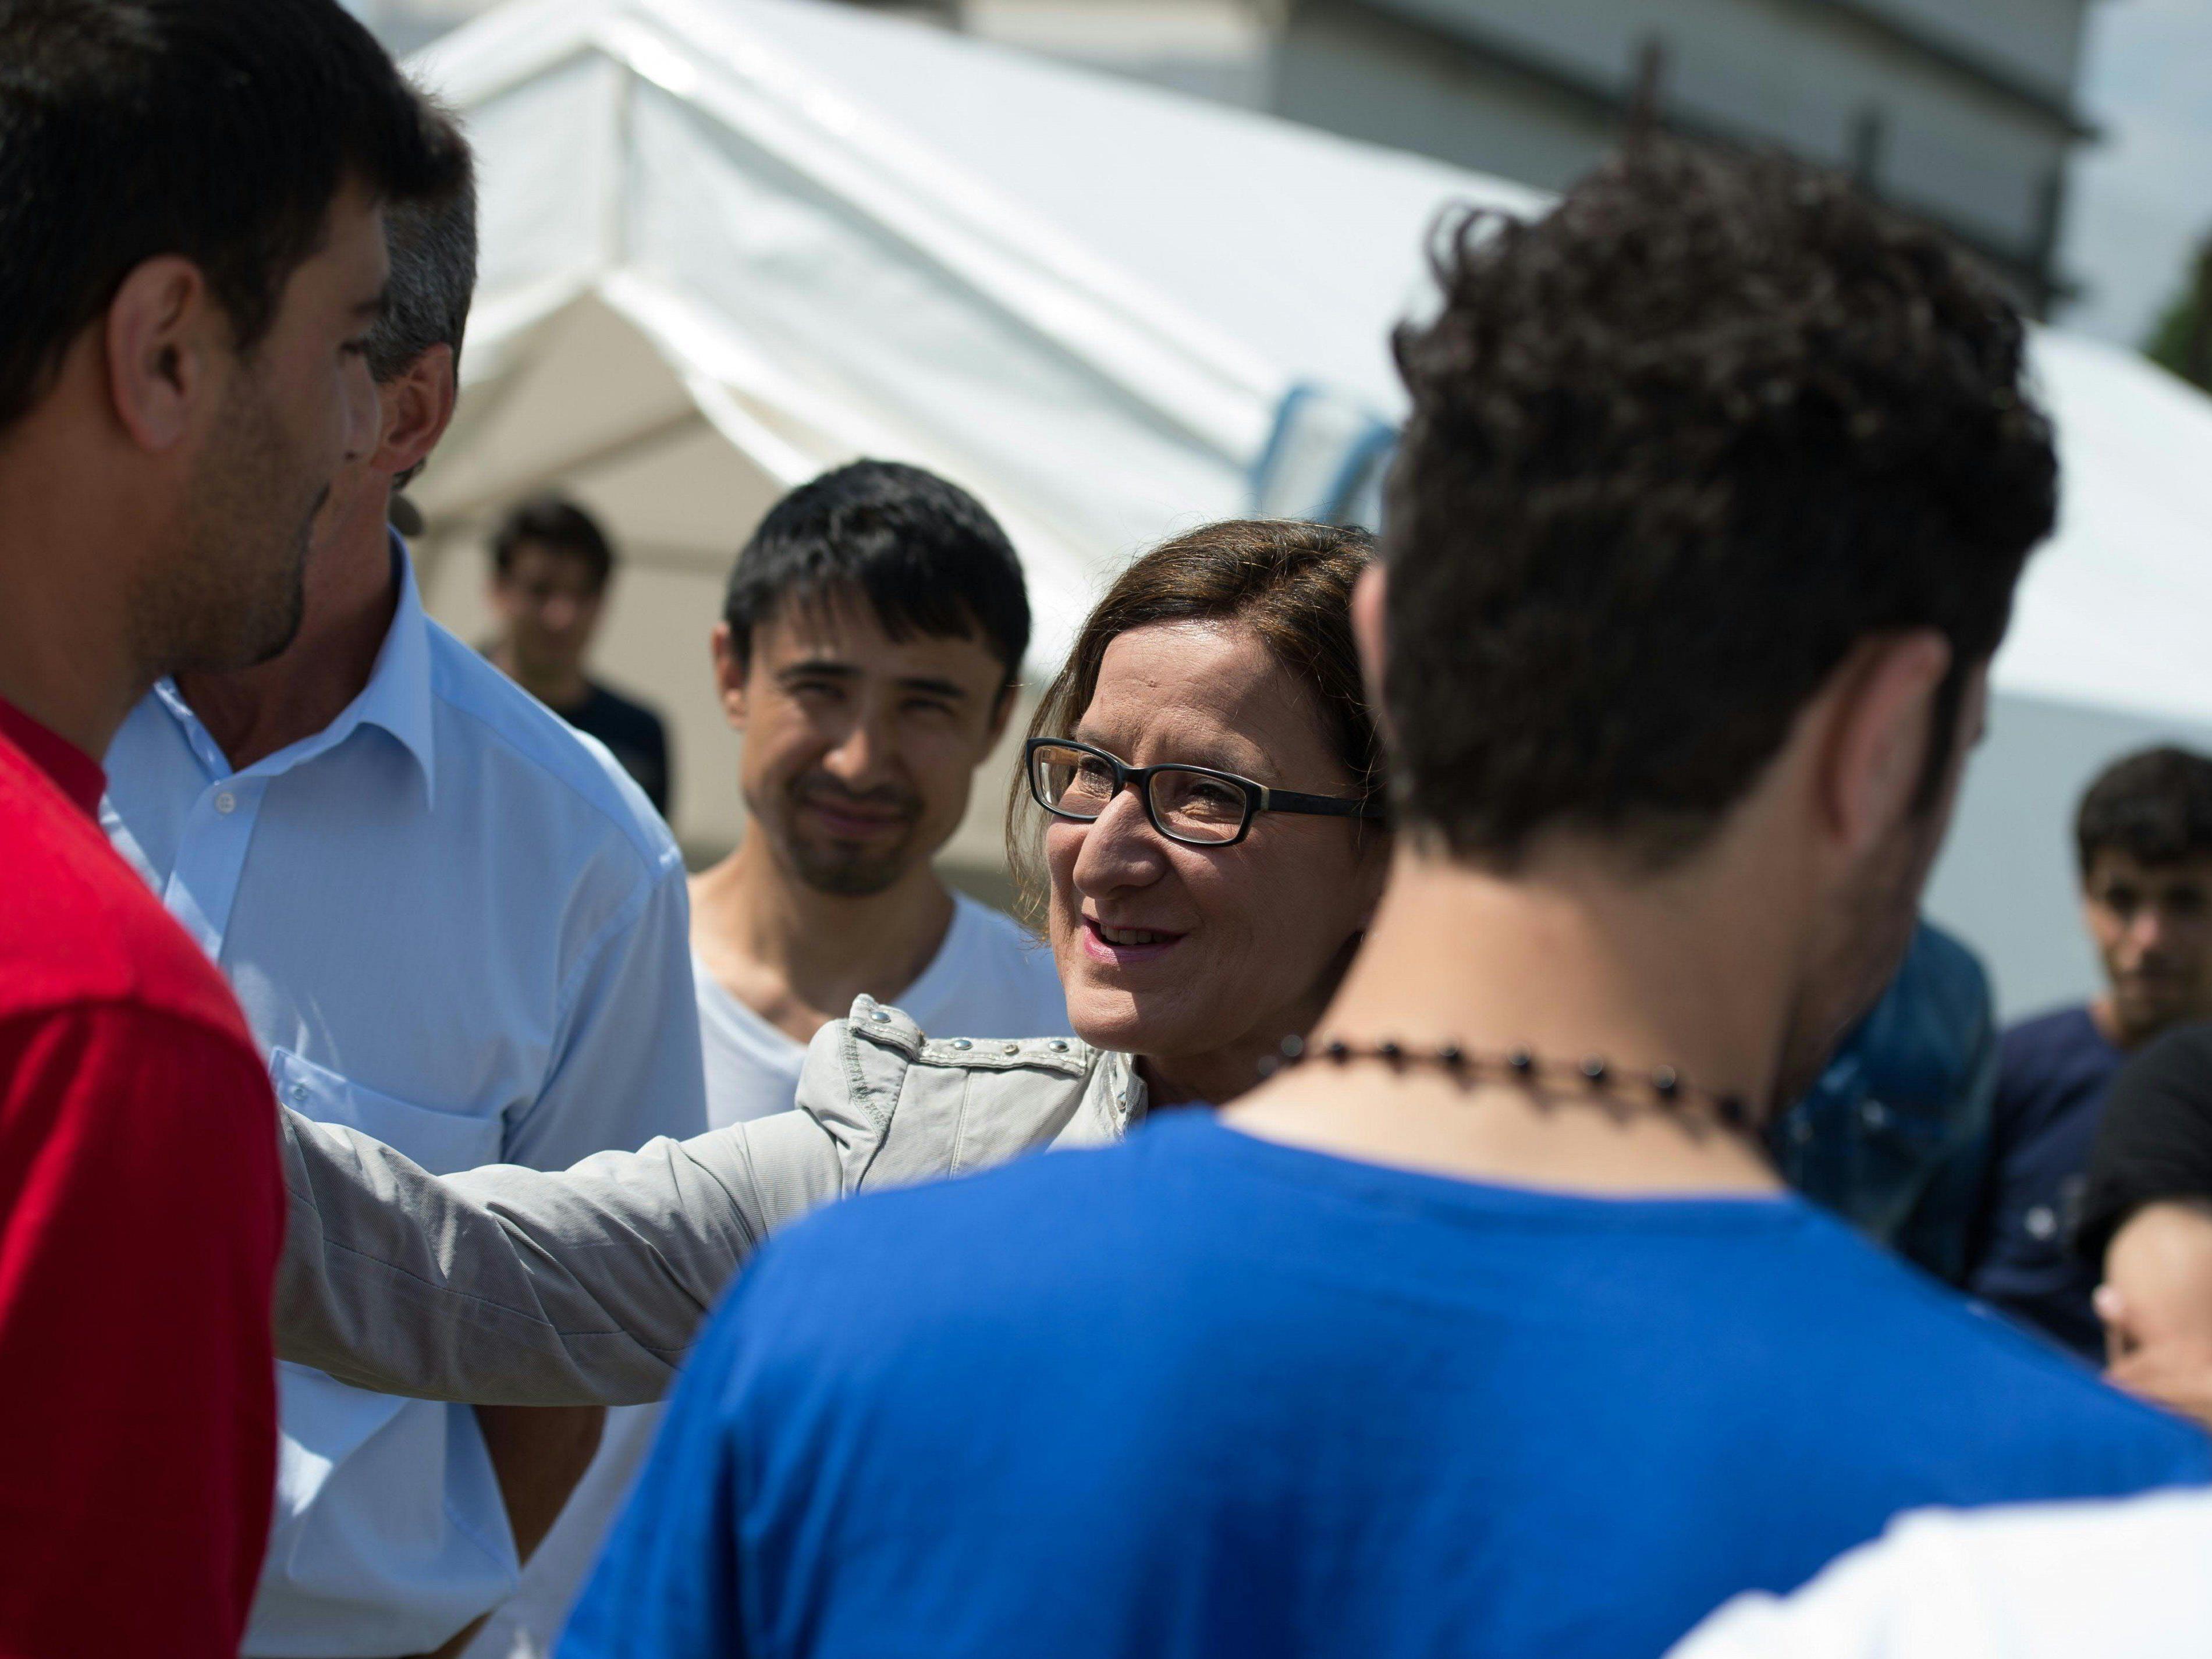 Für die Position von Österreichs Innenministerin Mikl-Leitner, hier bei einem Besuch ein Flüchtlings-Zeltlager, findet sich in der EU keine Mehrheit.